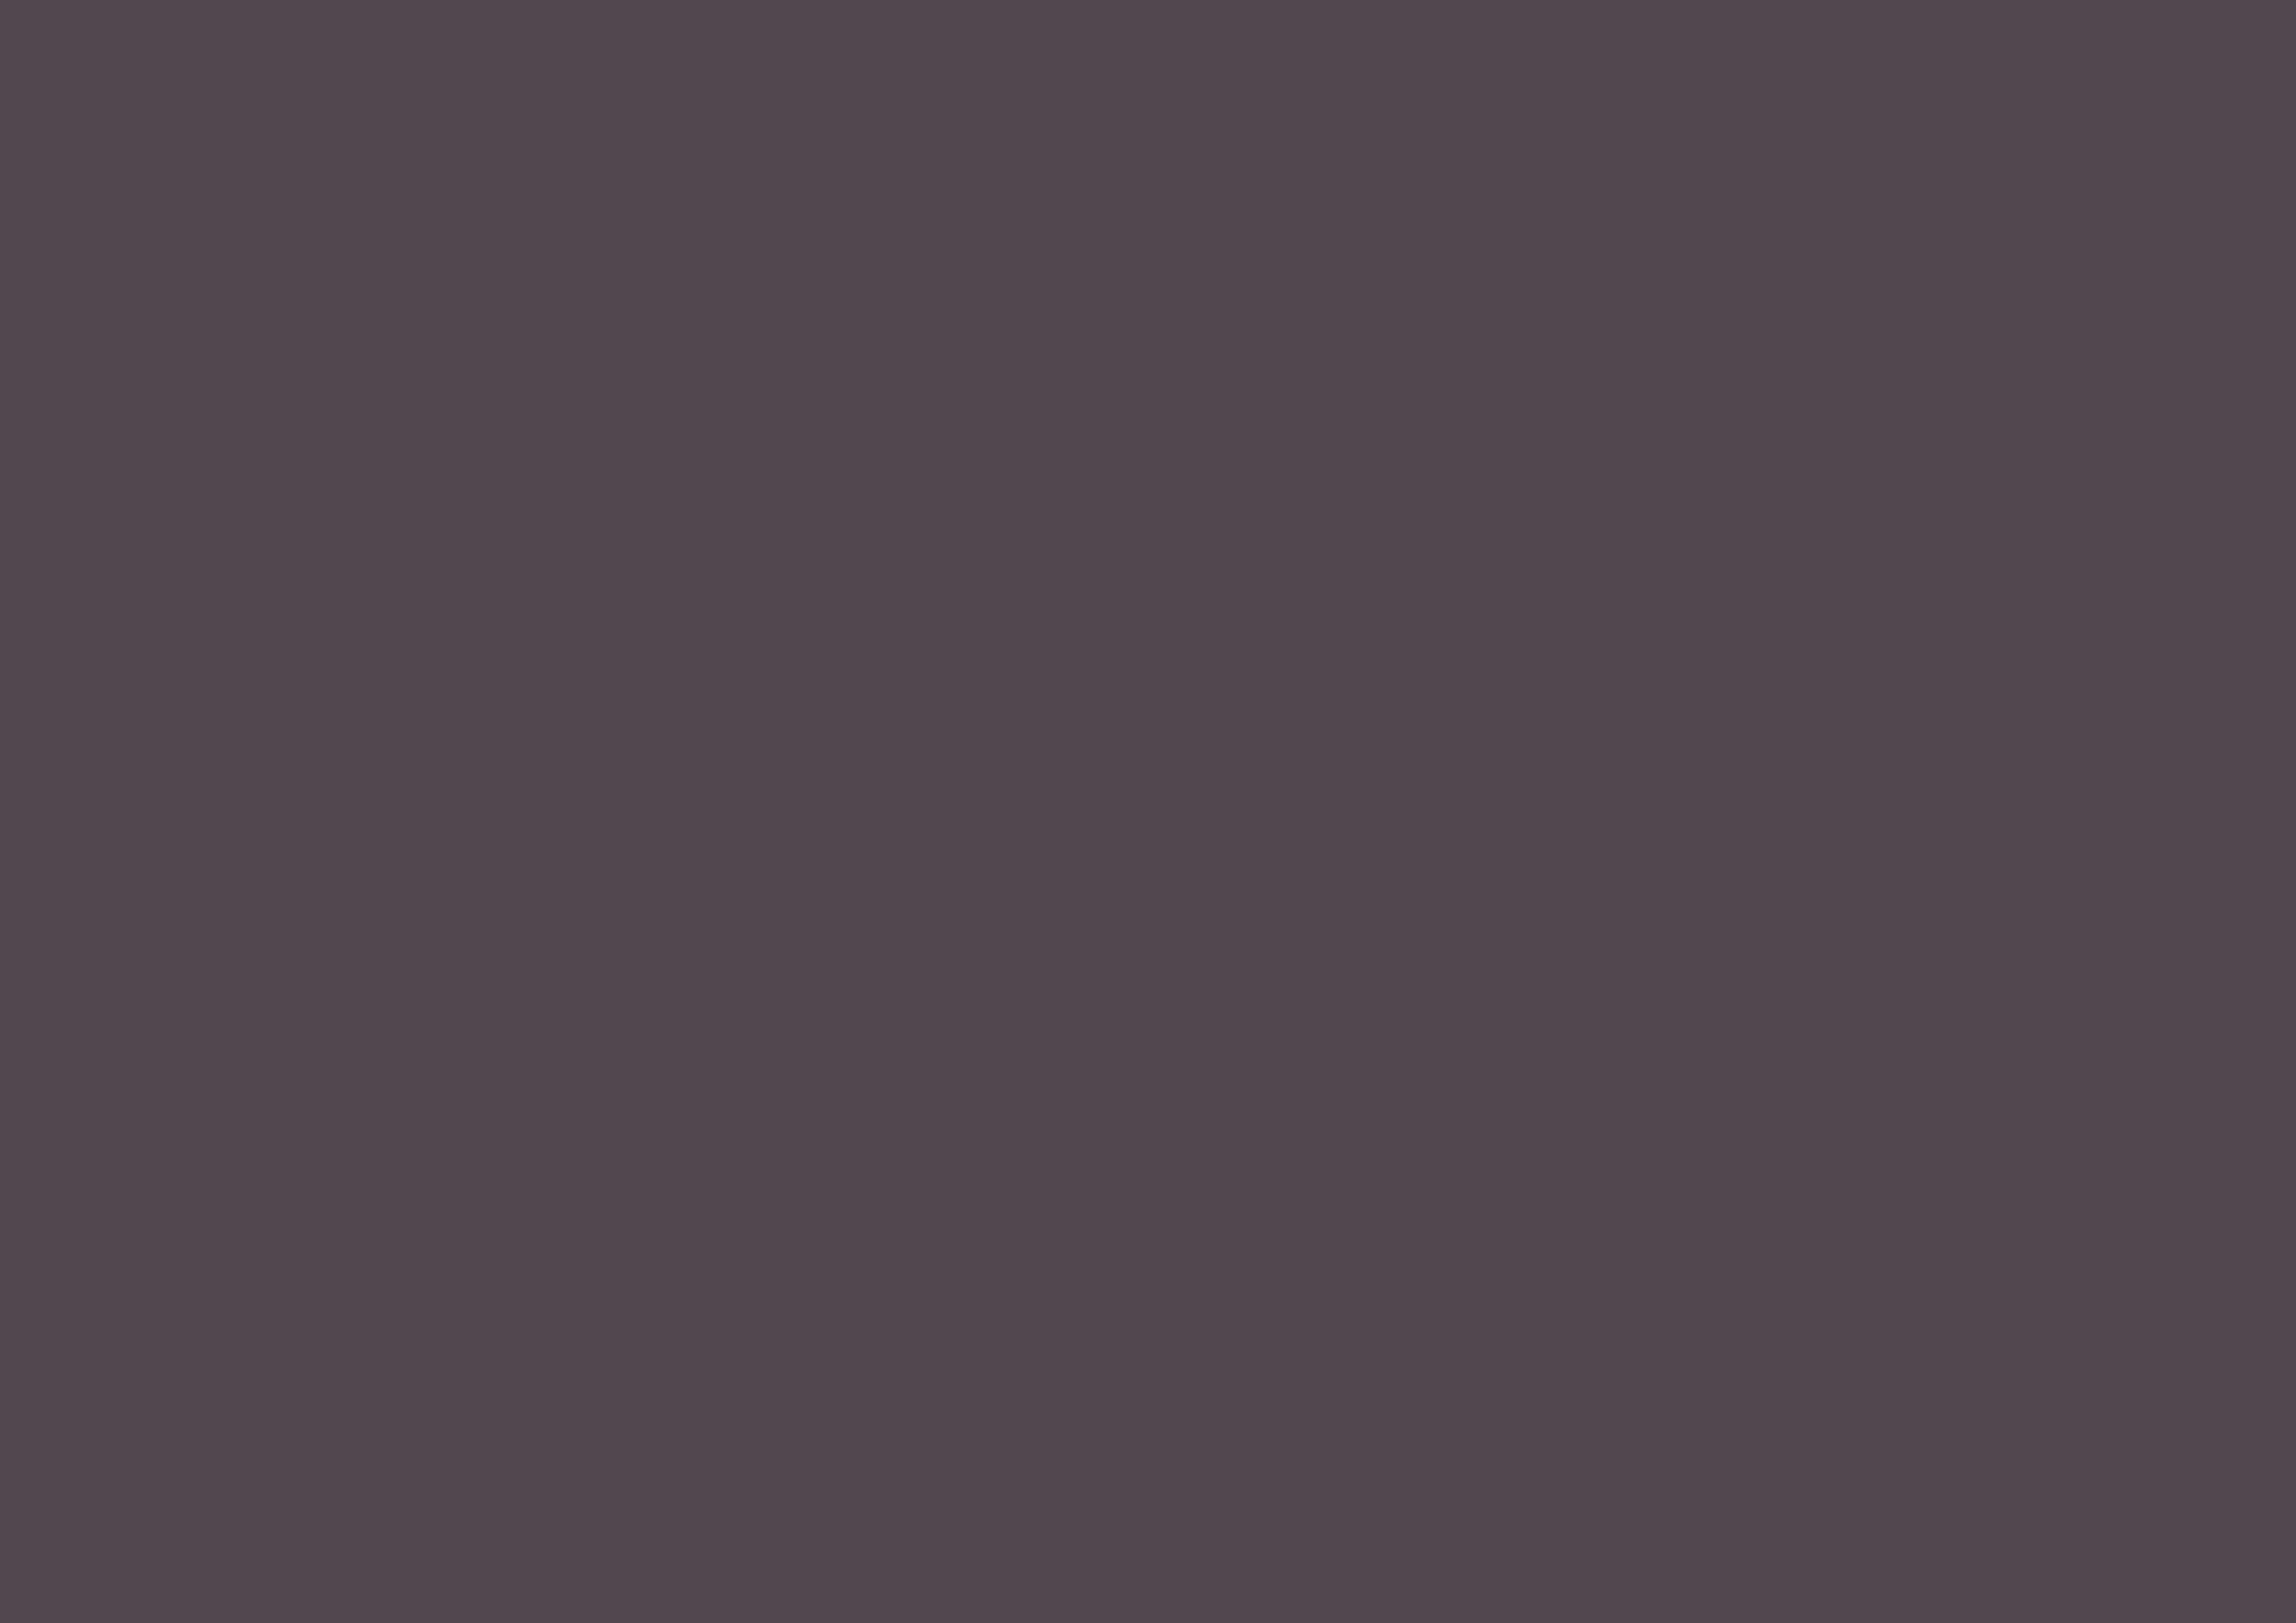 3508x2480 Quartz Solid Color Background